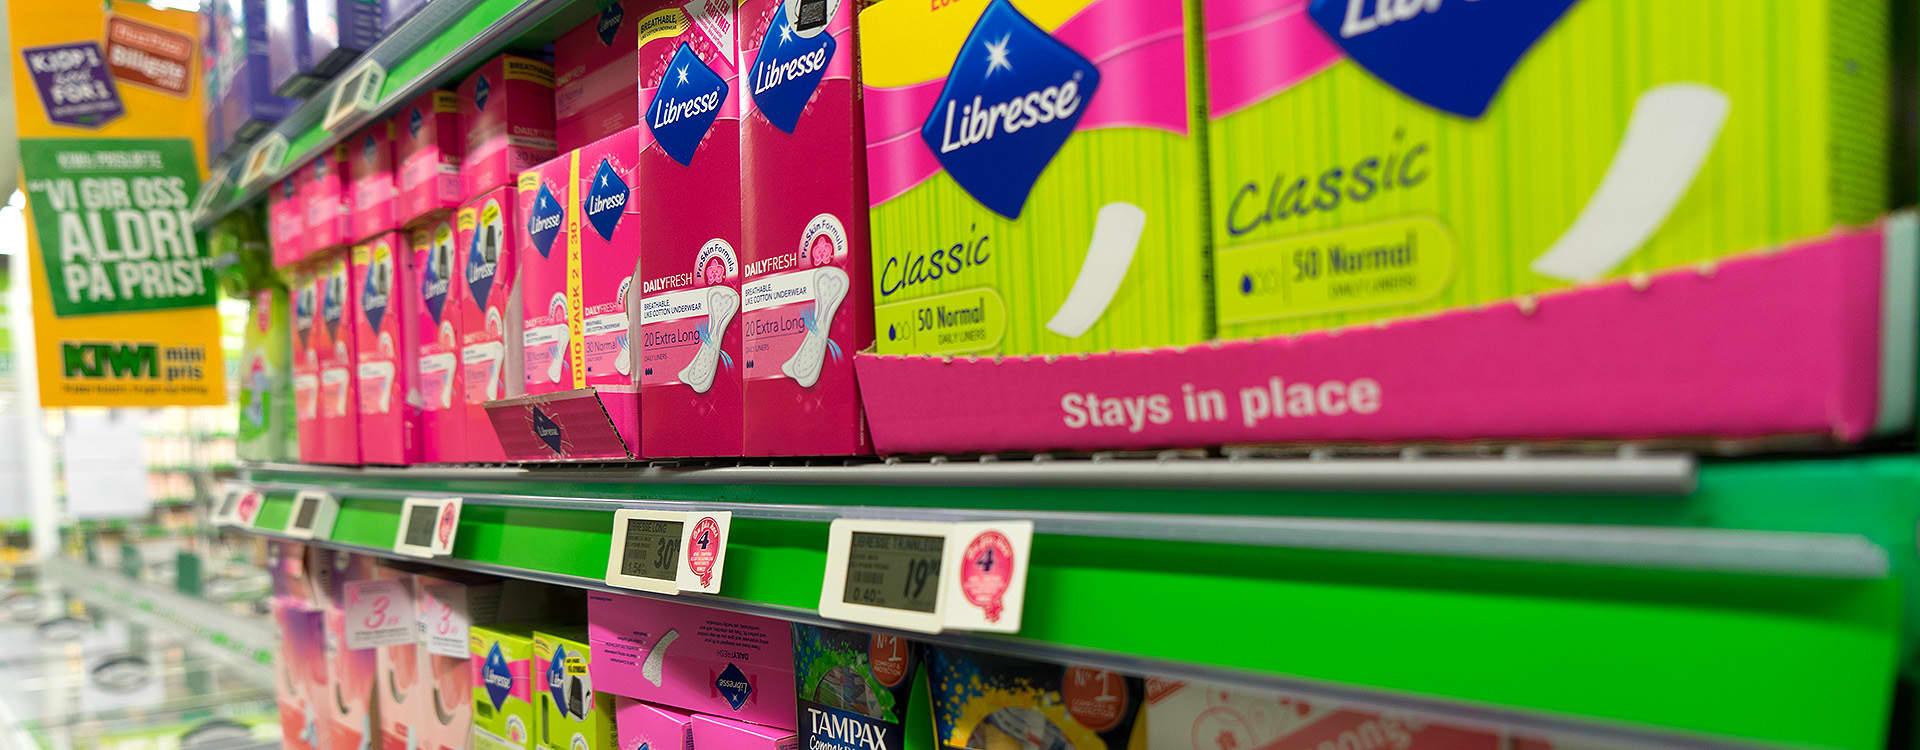 Libresse er med i KIWIs B&T-avtale, der du får hver 4. pakke bind, tamponger eller truseinnlegg gratis.